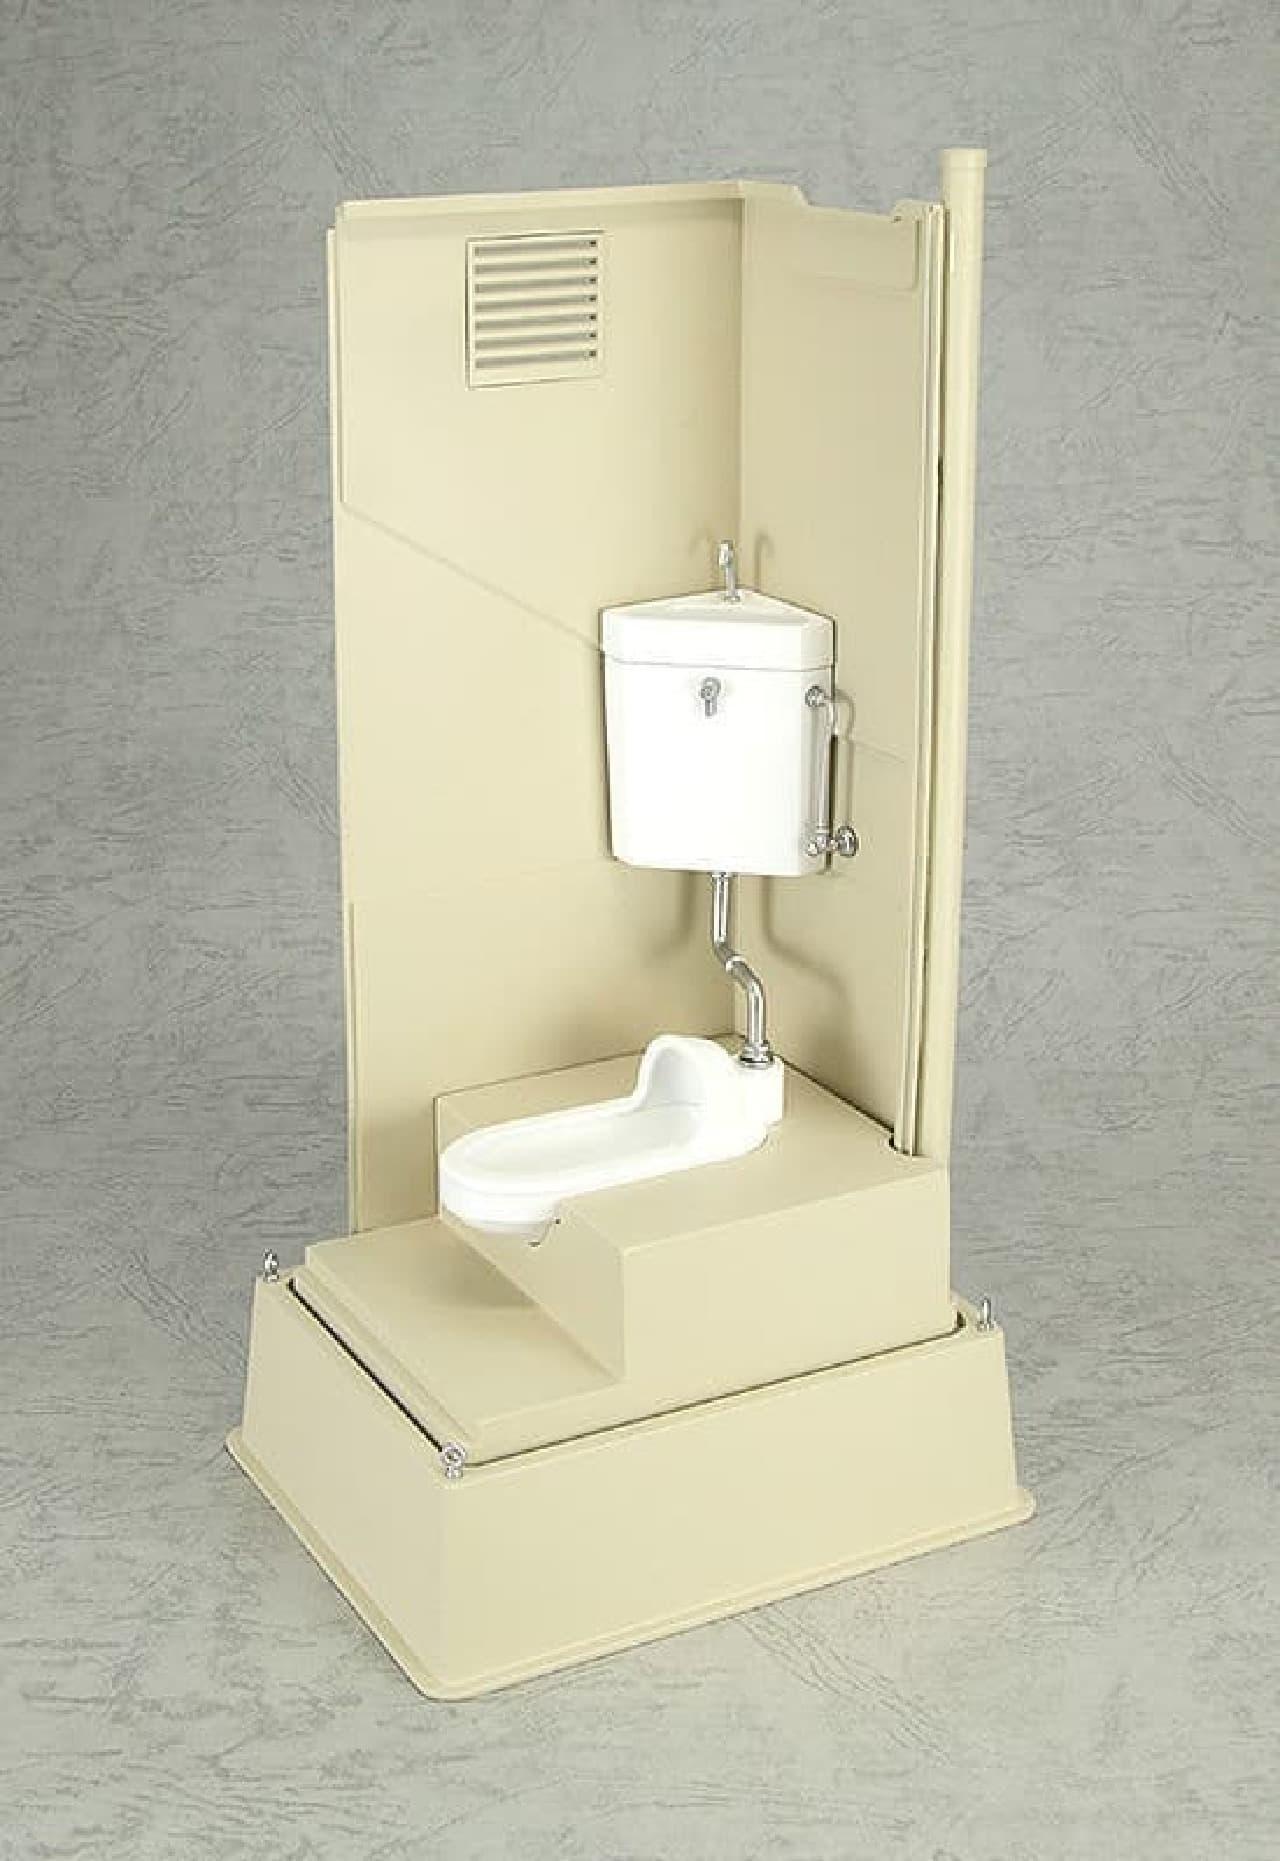 仮設トイレをフィギュア化した「Mabell Original Miniature Model Series 1/12 仮設トイレ」